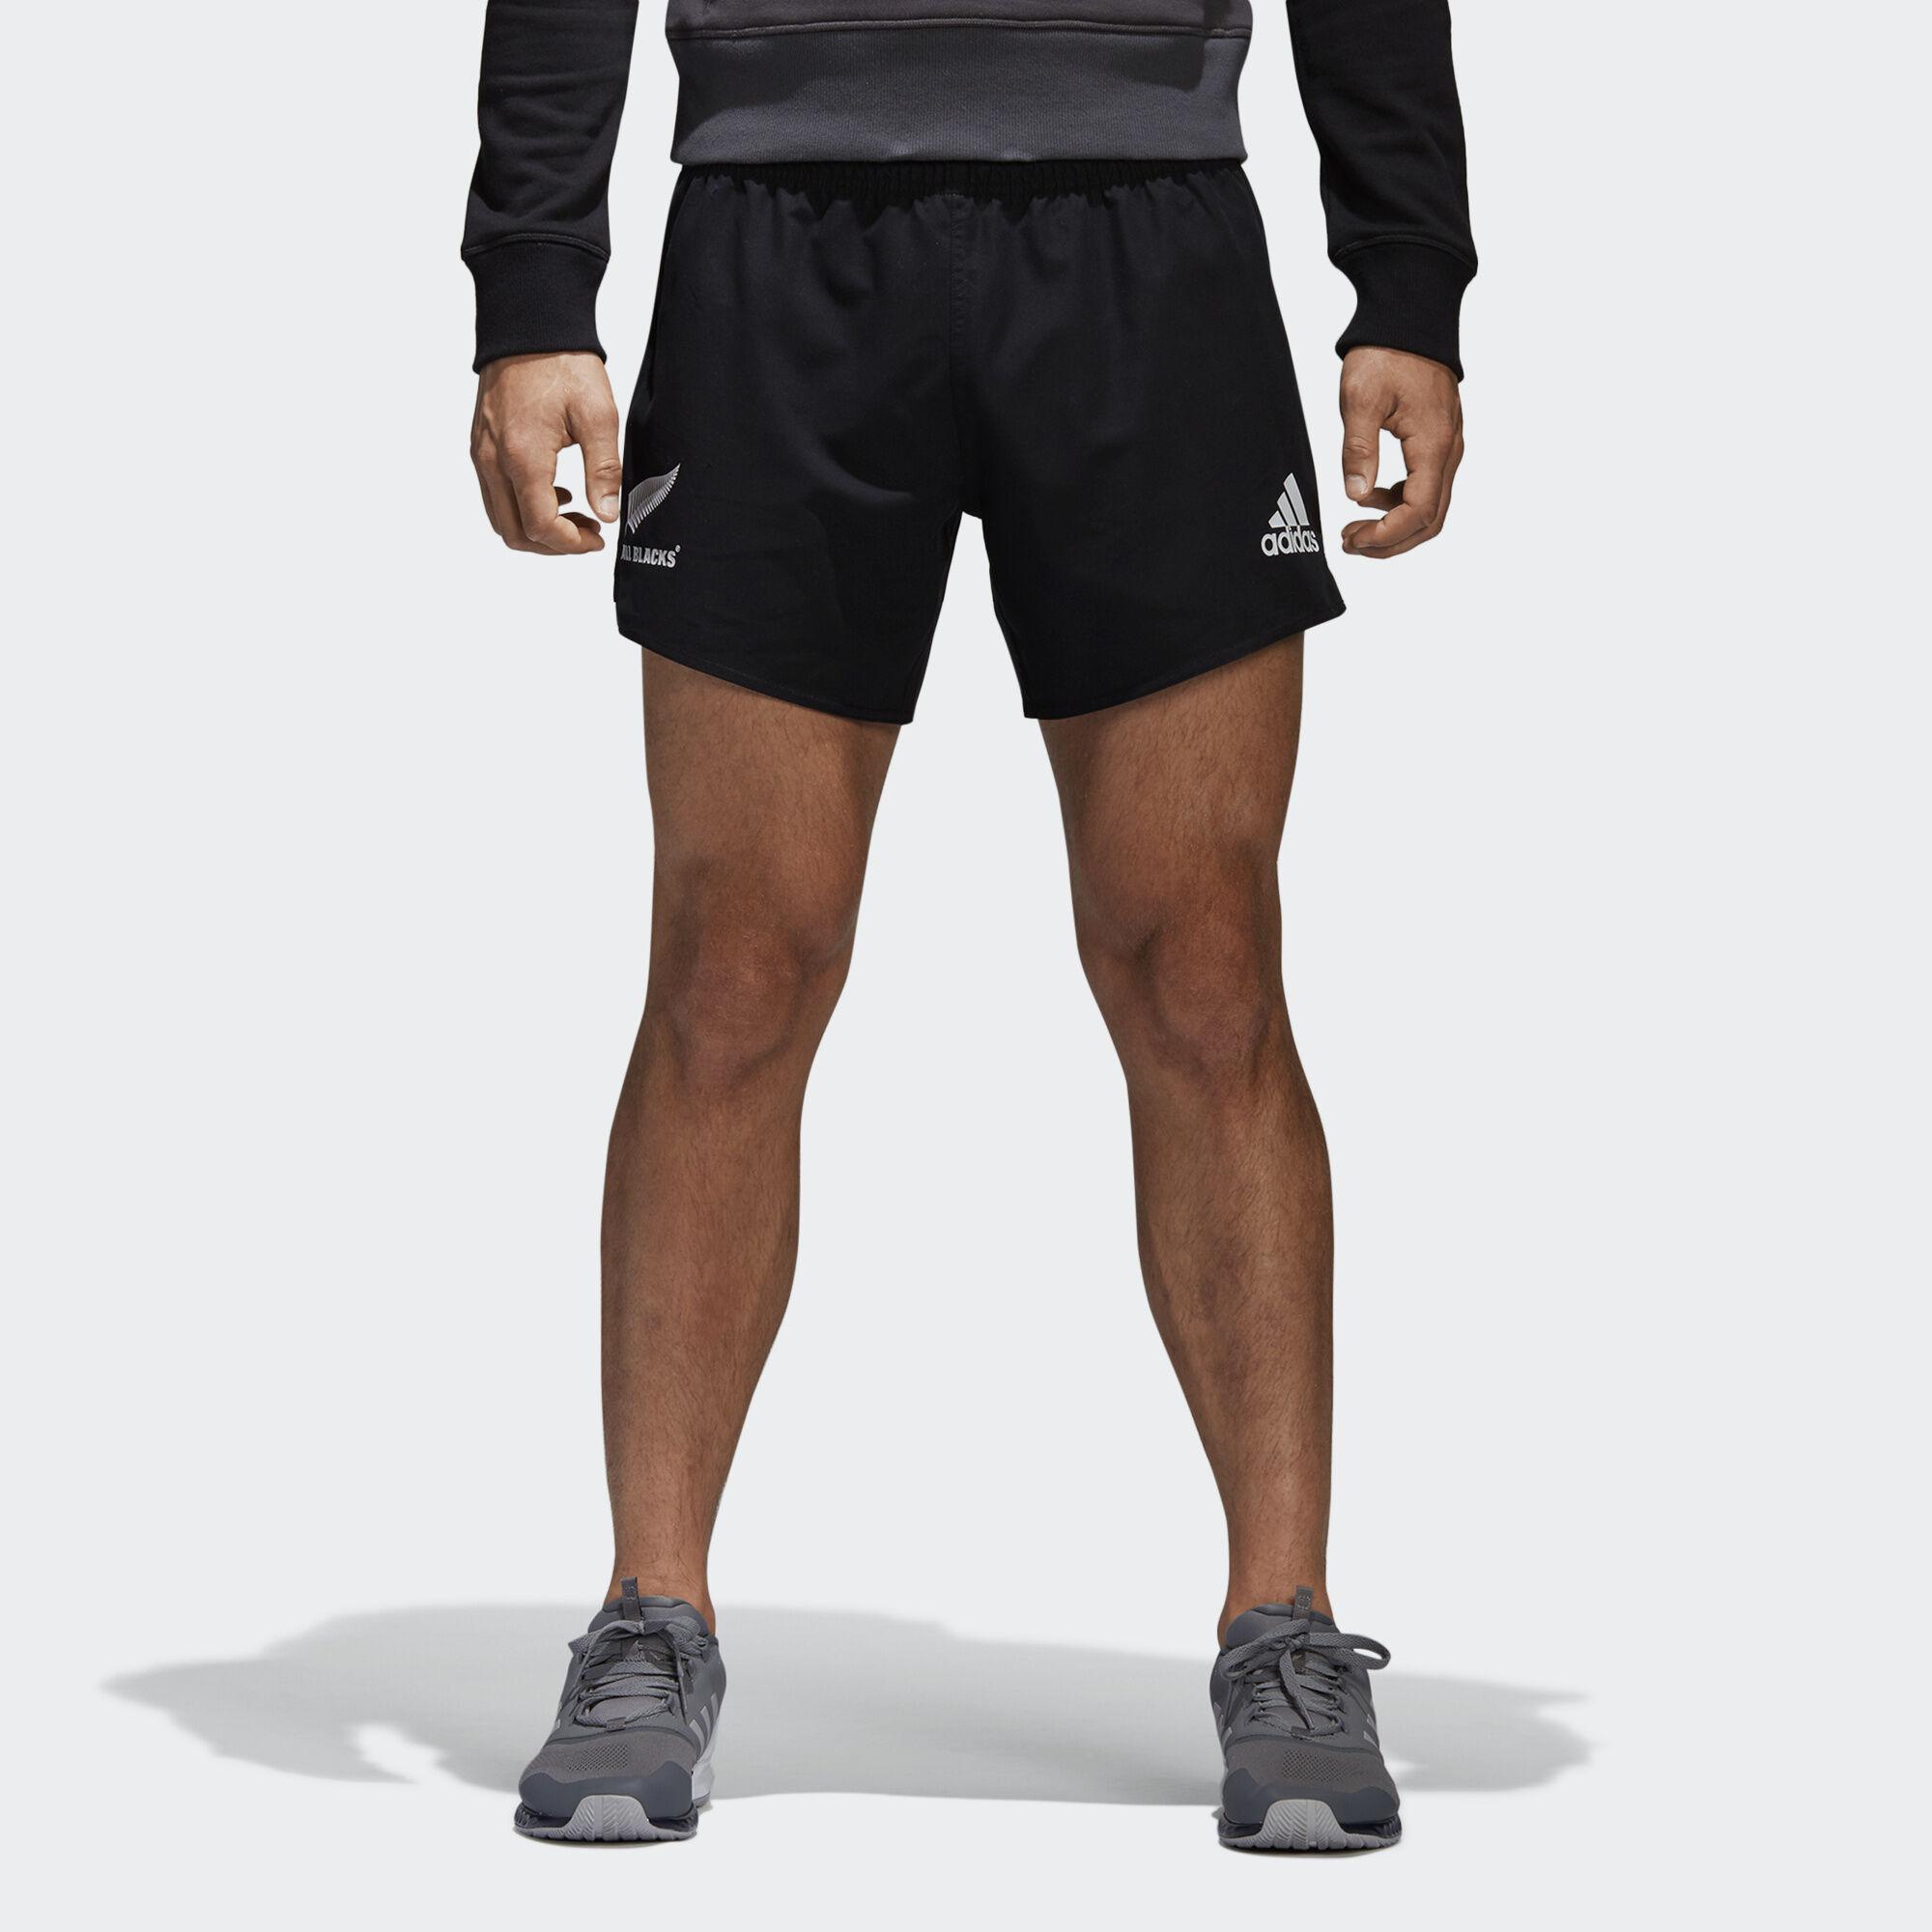 all blacks supporters shorts. Black Bedroom Furniture Sets. Home Design Ideas